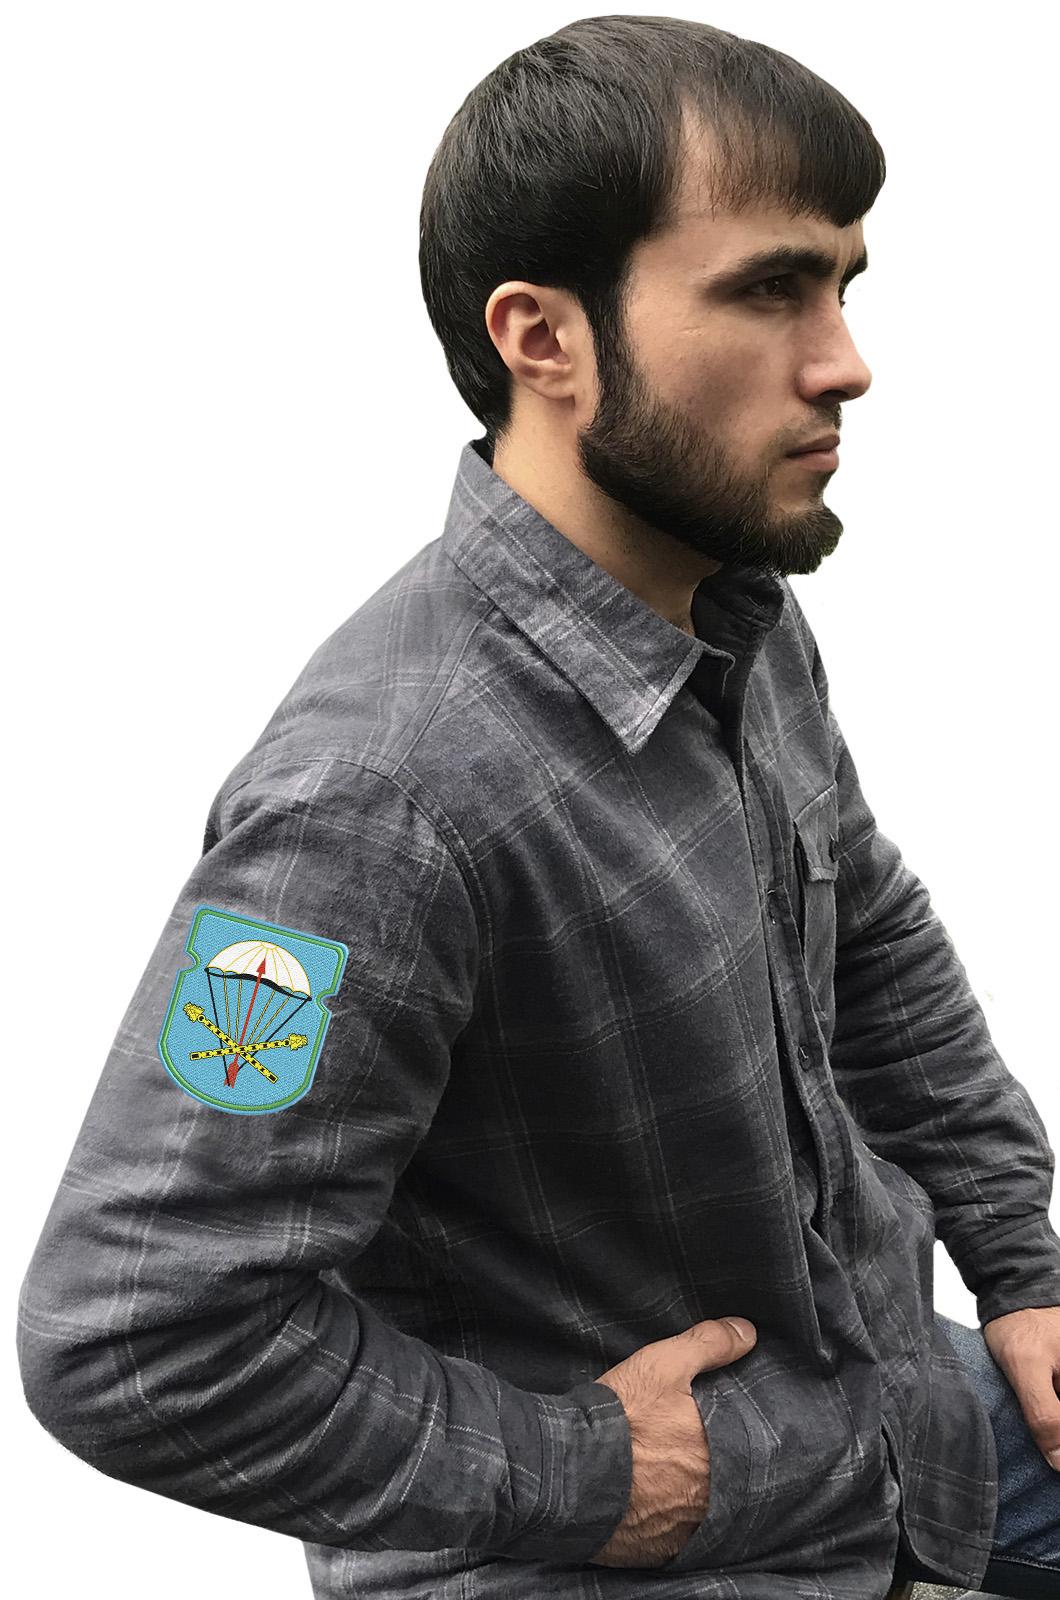 Мужская утепленная рубашка с вышитым шевроном ВДВ 116-й ОПДБ 31 гв. ОДШБр - заказать с доставкой